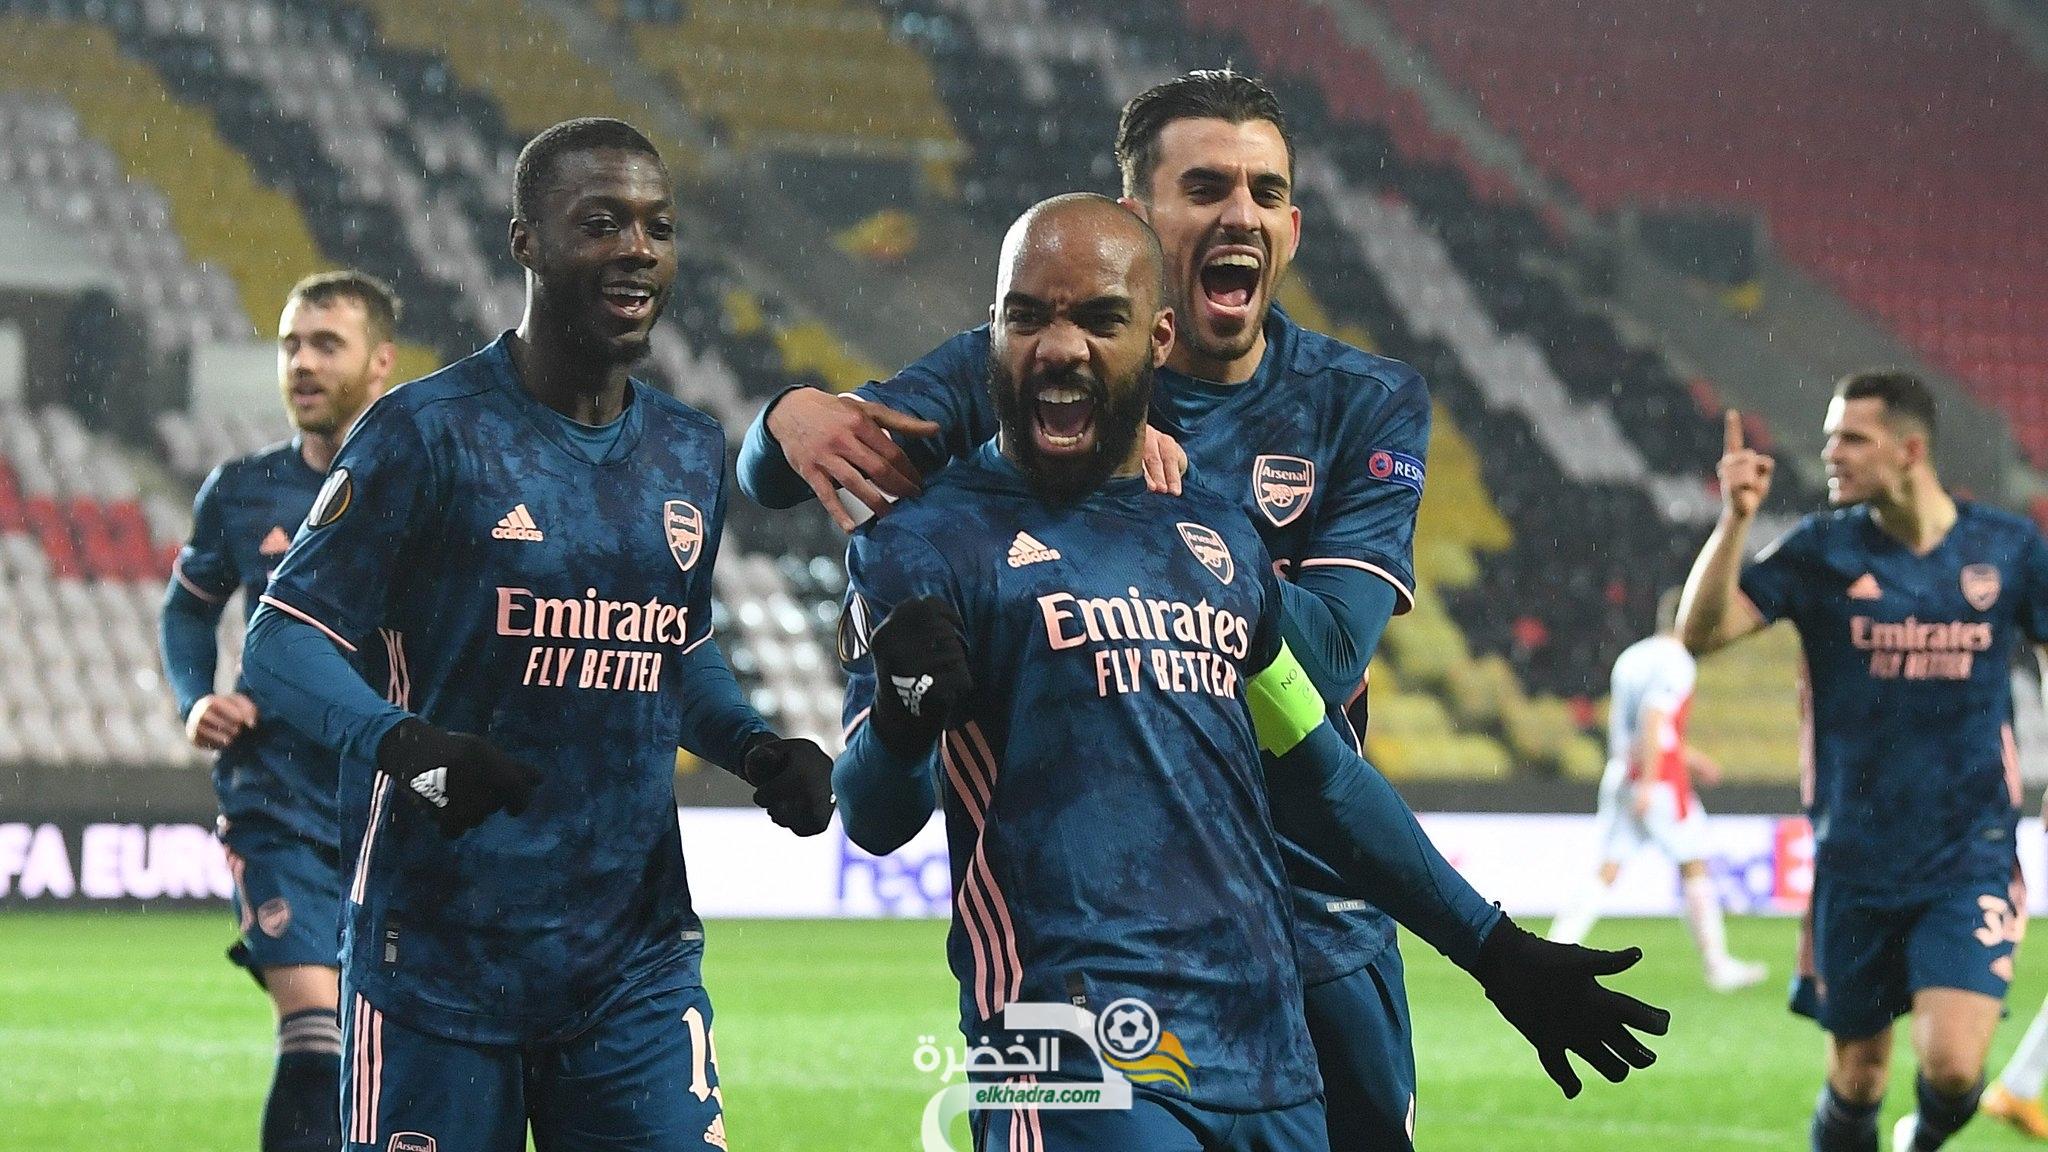 آرسنال يتأهل لنصف نهائي الدوري الأوروبي 23